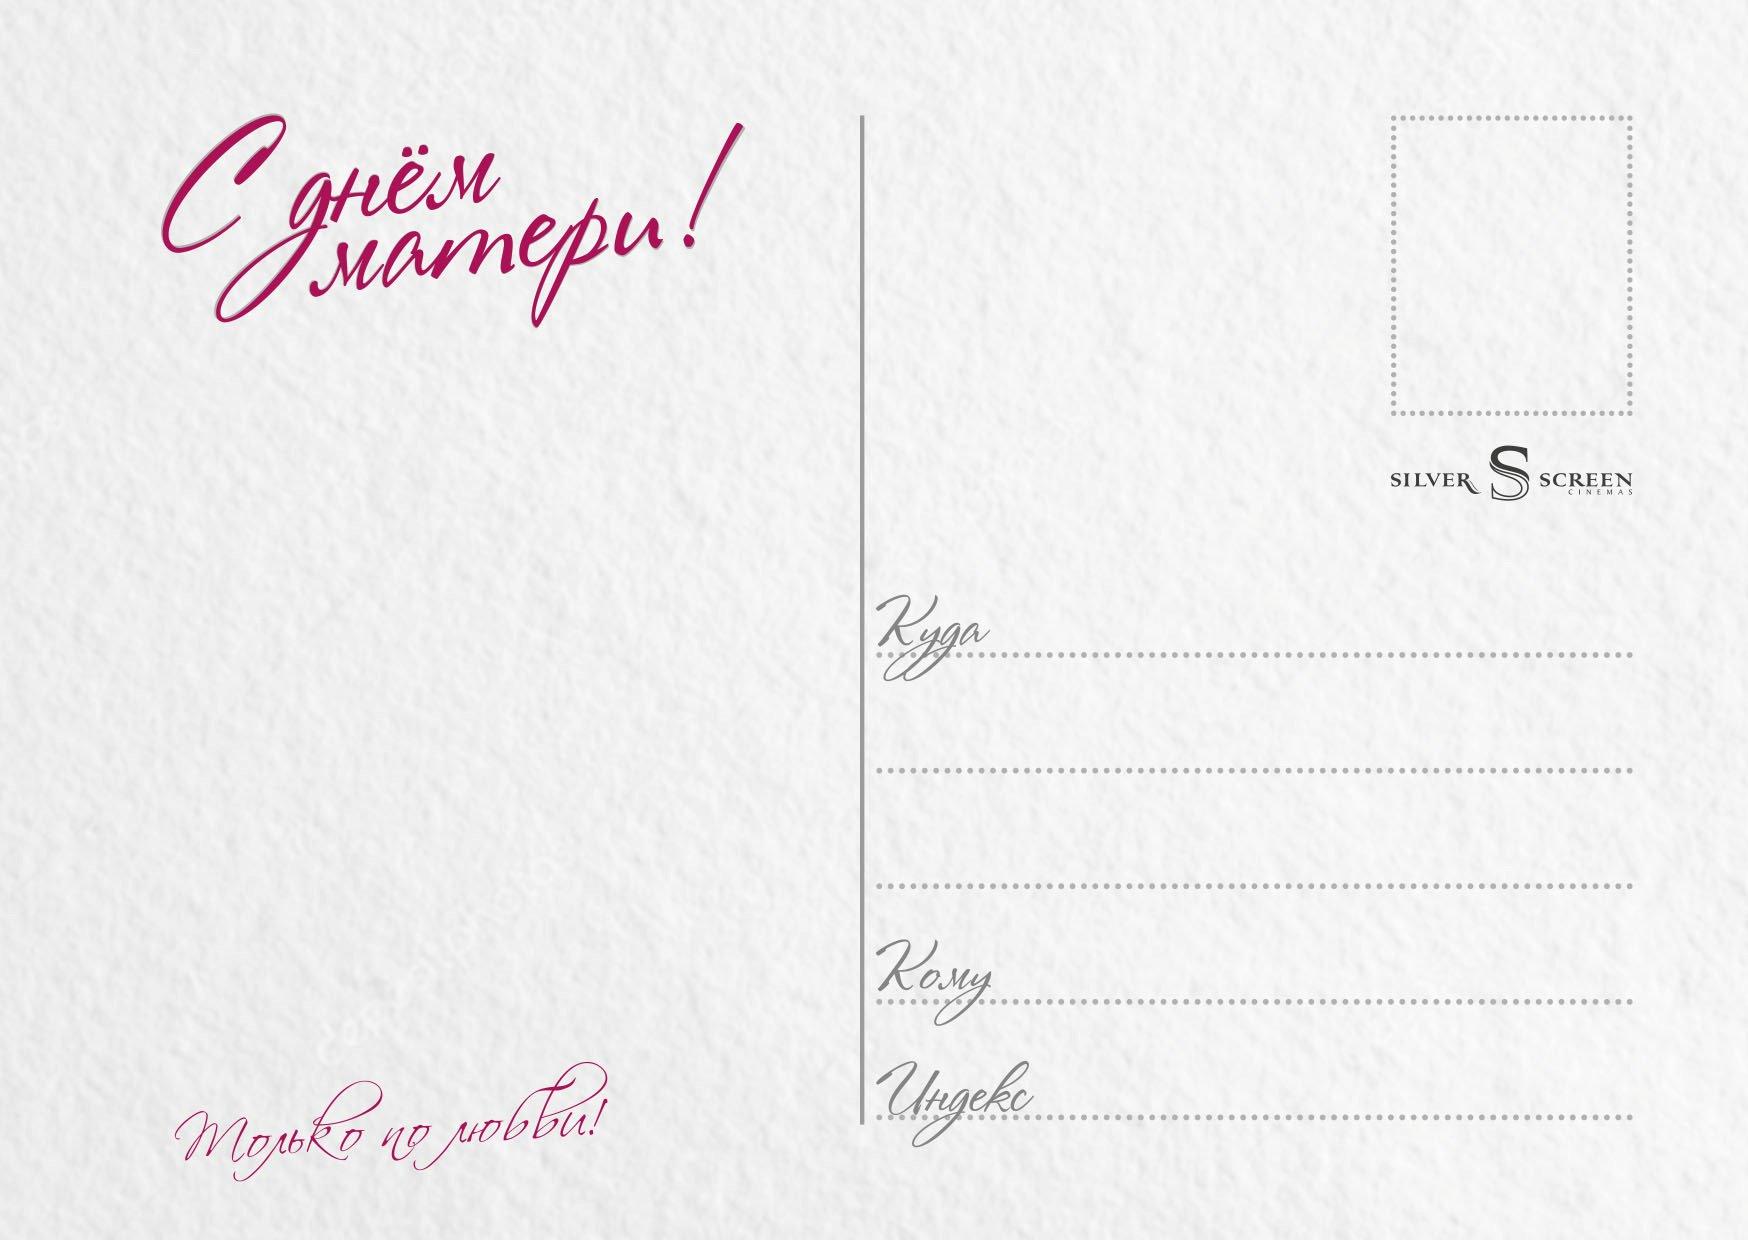 День работника, как подписать открытку ко днем рождения поздравления